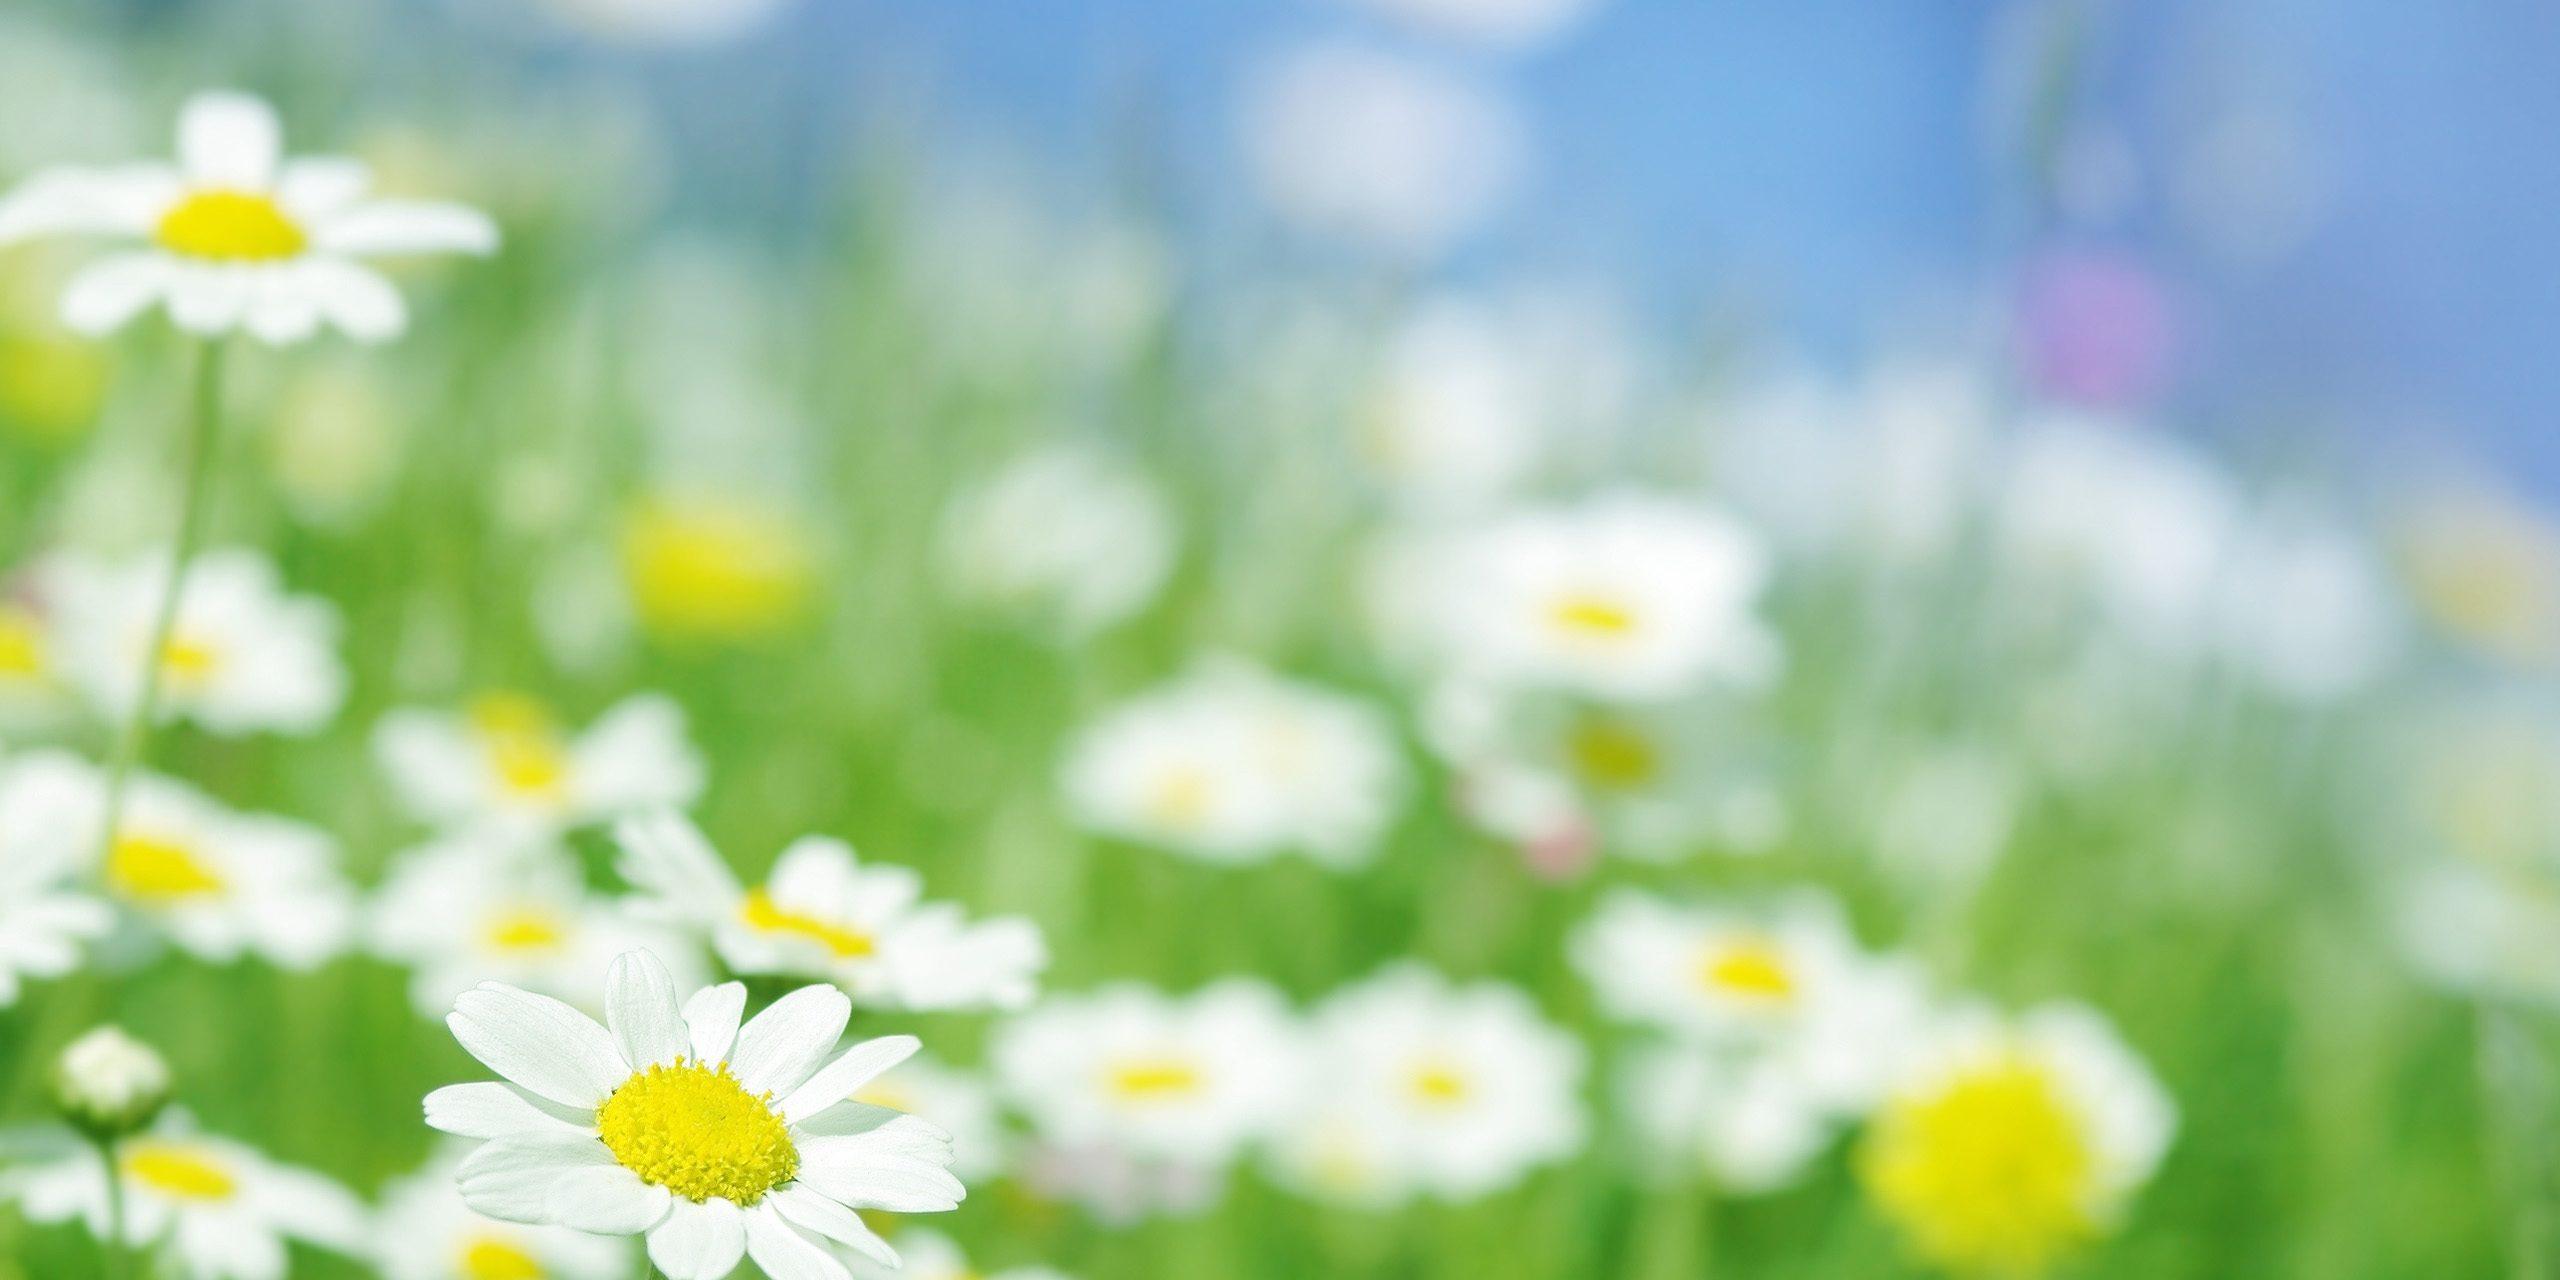 http___www.wallpaperbetter.com_wallpaper_731_346_373_chamomile-flowers-macro-2K-wallpaper